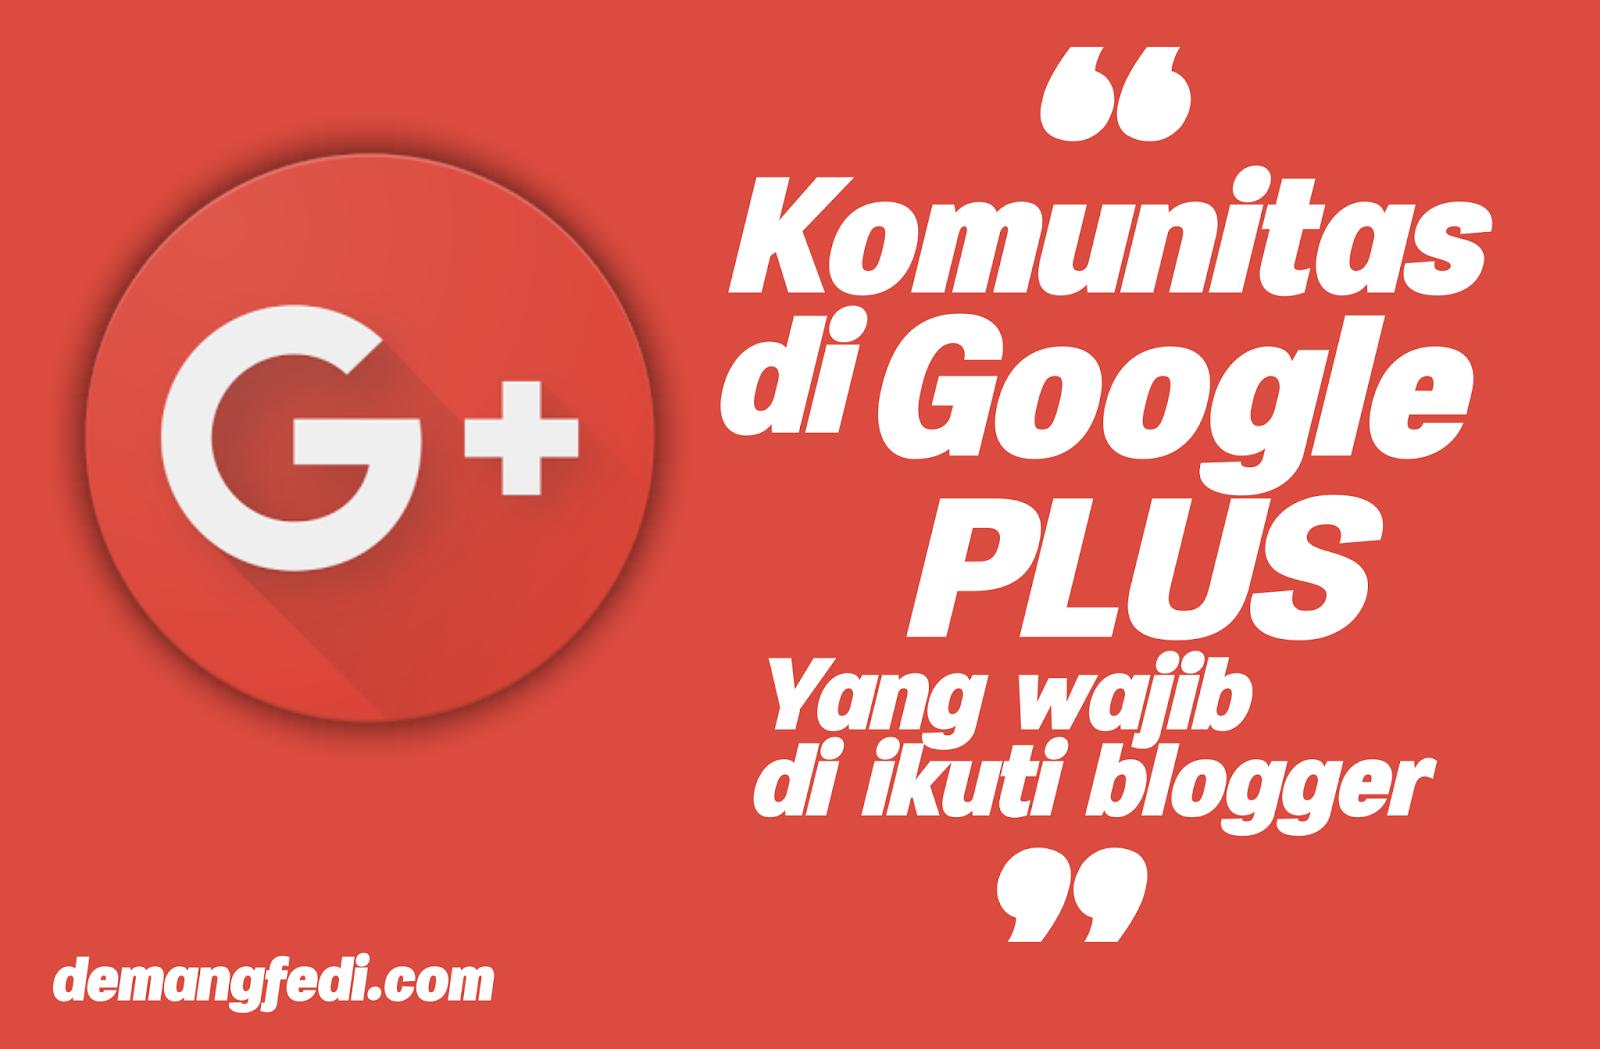 Komunitas di Google Plus Yang Wajib Diikuti Oleh Blogger